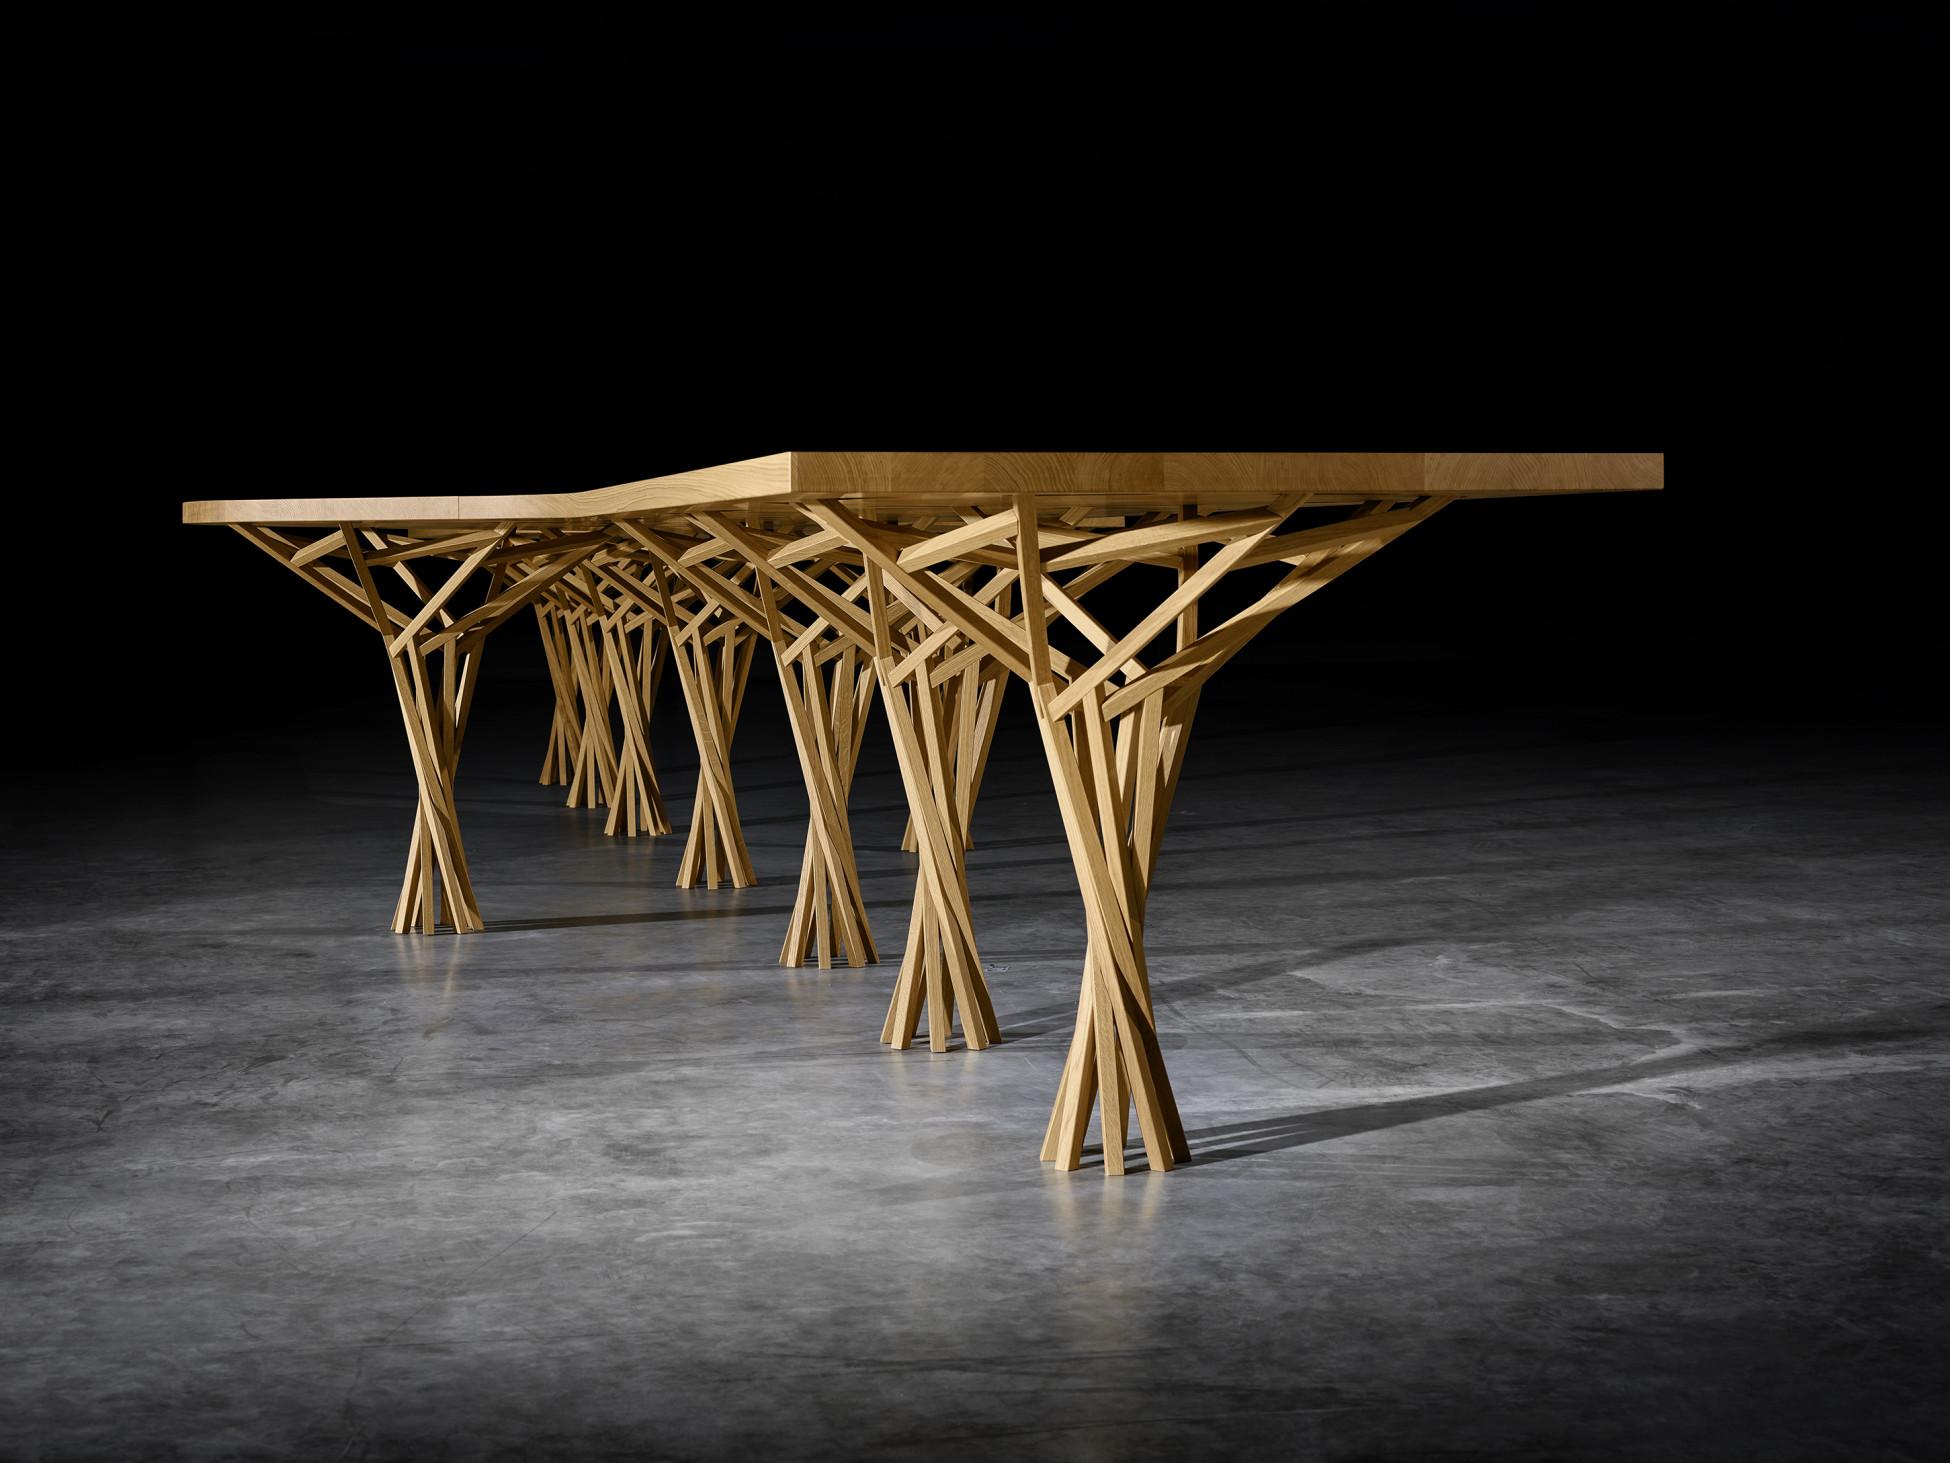 Langer Holztisch mit 9 filigranen Holzbeinen in parametrischem Design